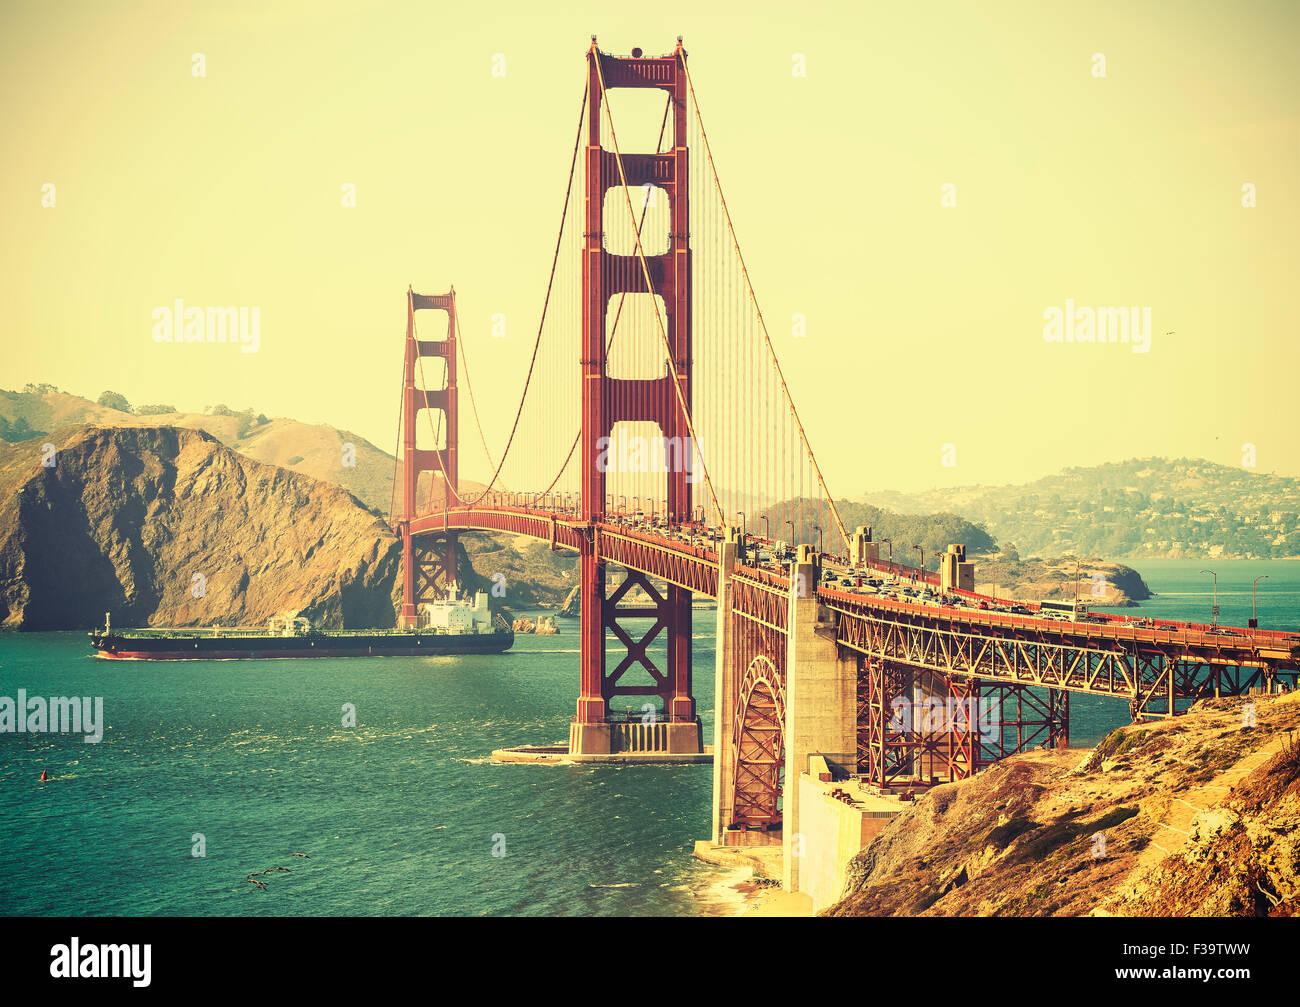 Película antigua de estilo retro Golden Gate Bridge en San Francisco, Estados Unidos. Imagen De Stock